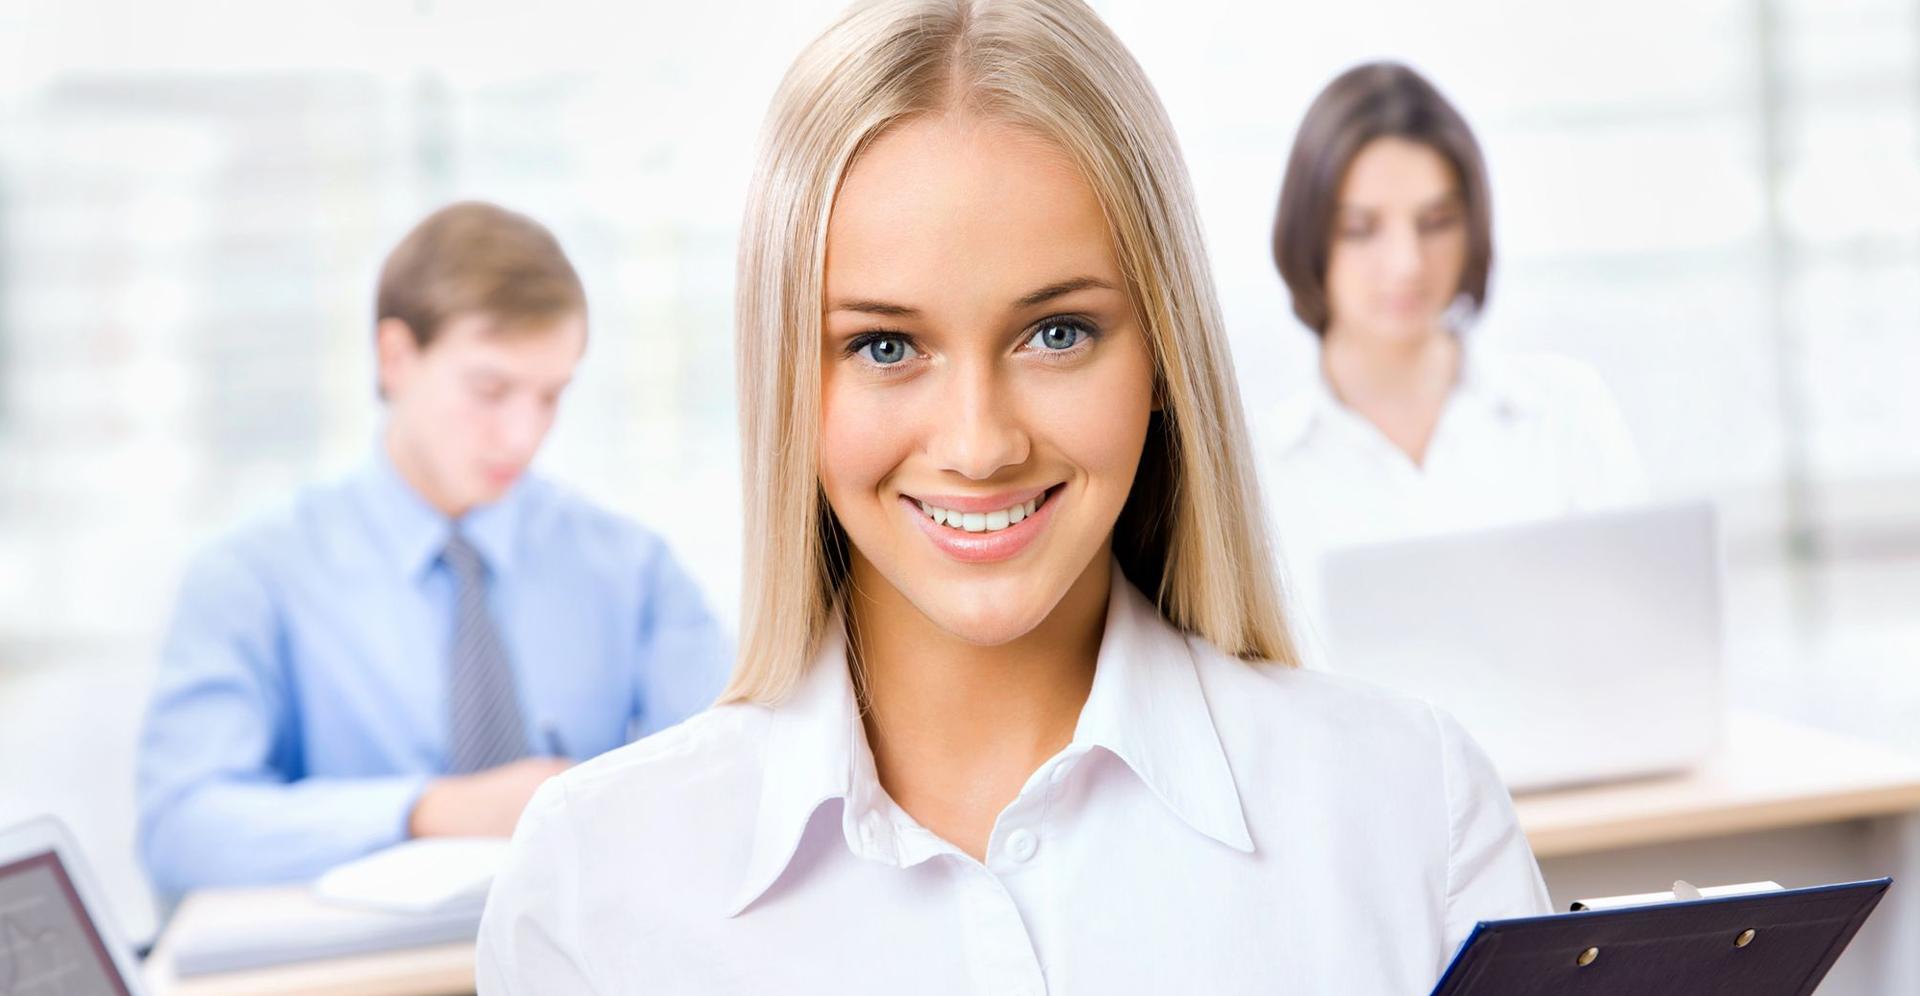 Как правильно мотивировать менеджера по продажам?